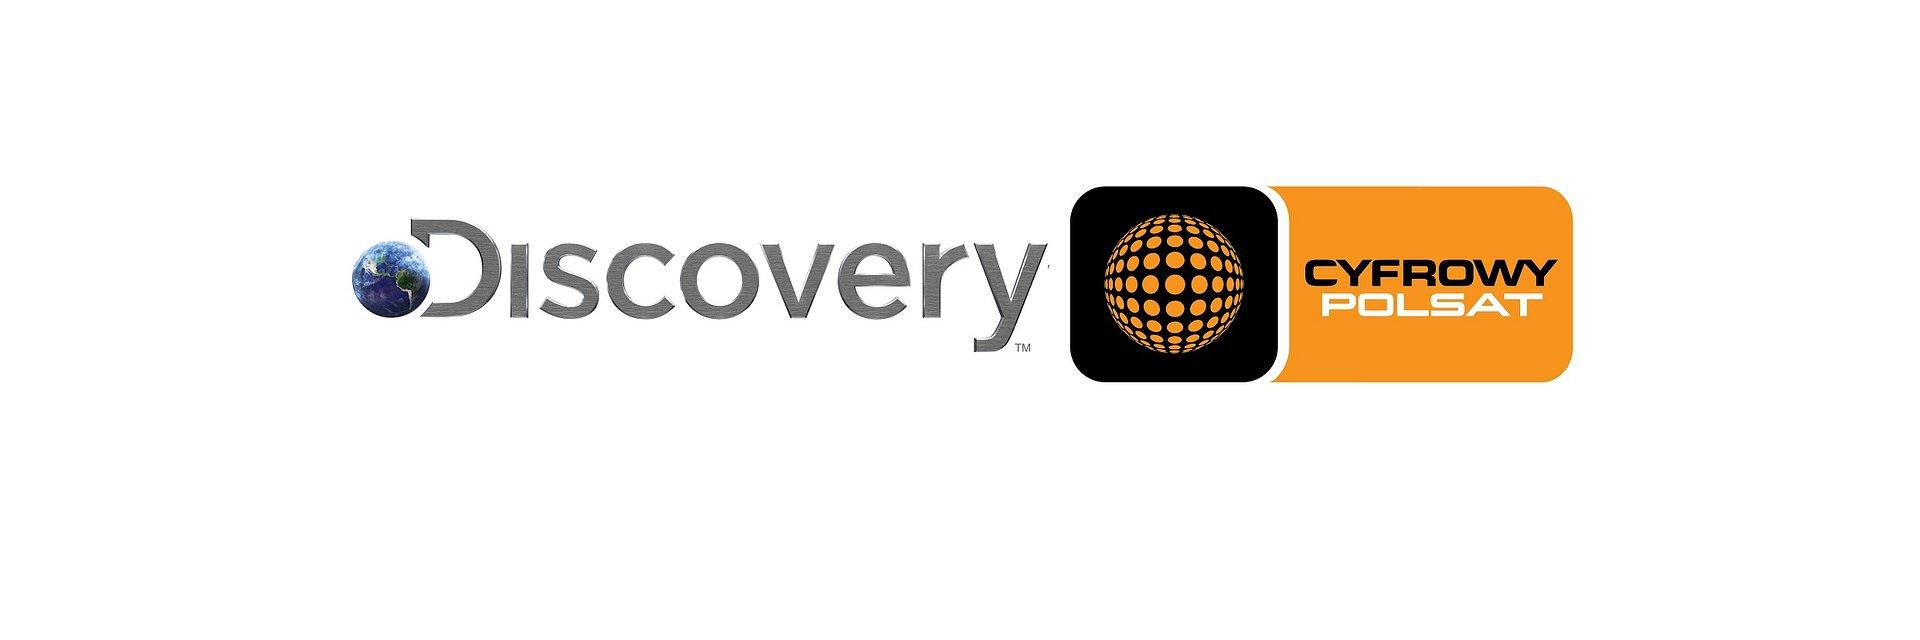 Discovery i Cyfrowy Polsat utworzą wspólnie nową platformę OTT. Zapewni ona widzom szeroki wybór treści i zwiększy dostęp do polskich produkcji.